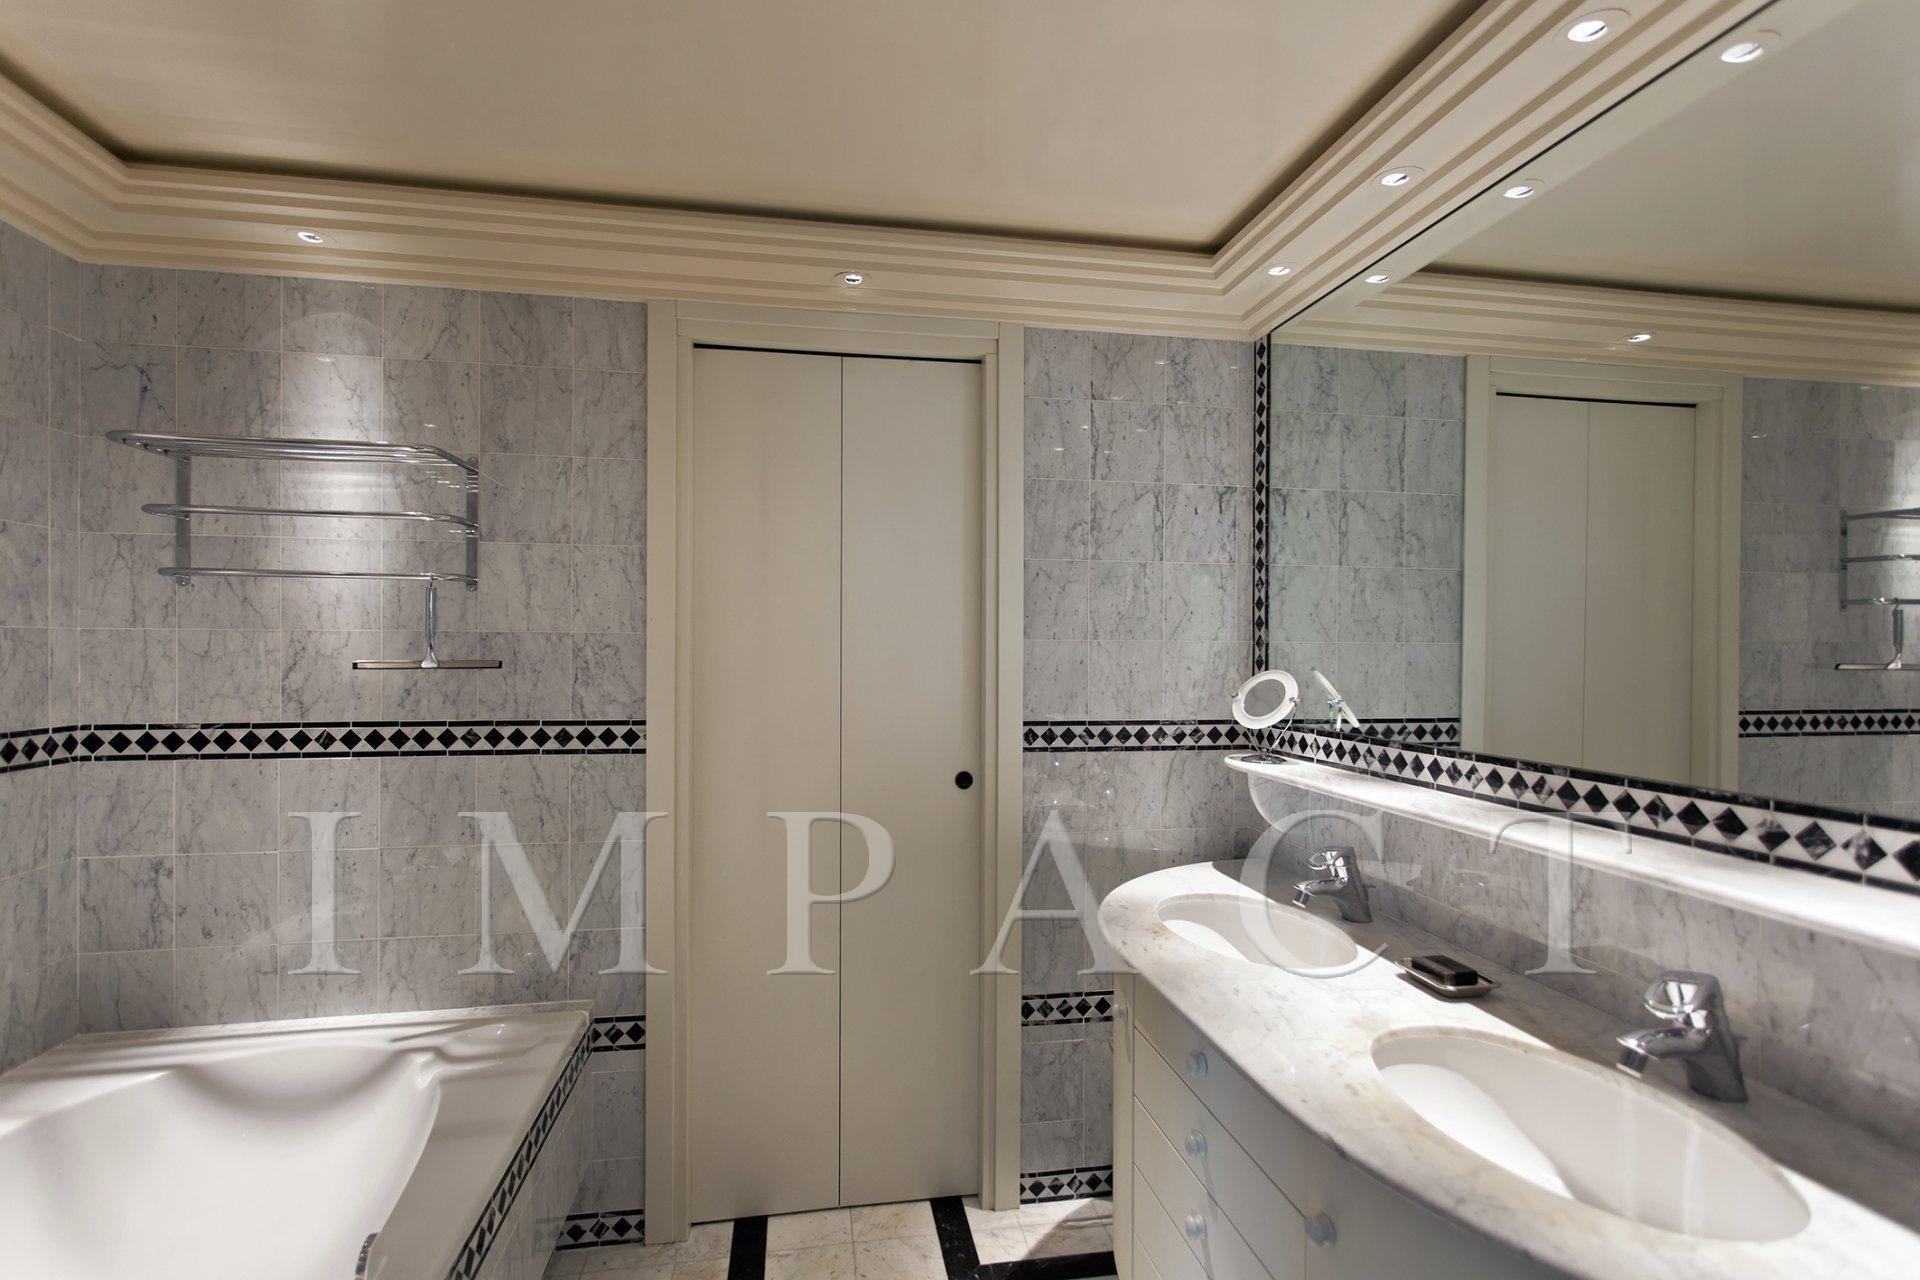 Appartement moderne à louer sur la Croisette, Cannes